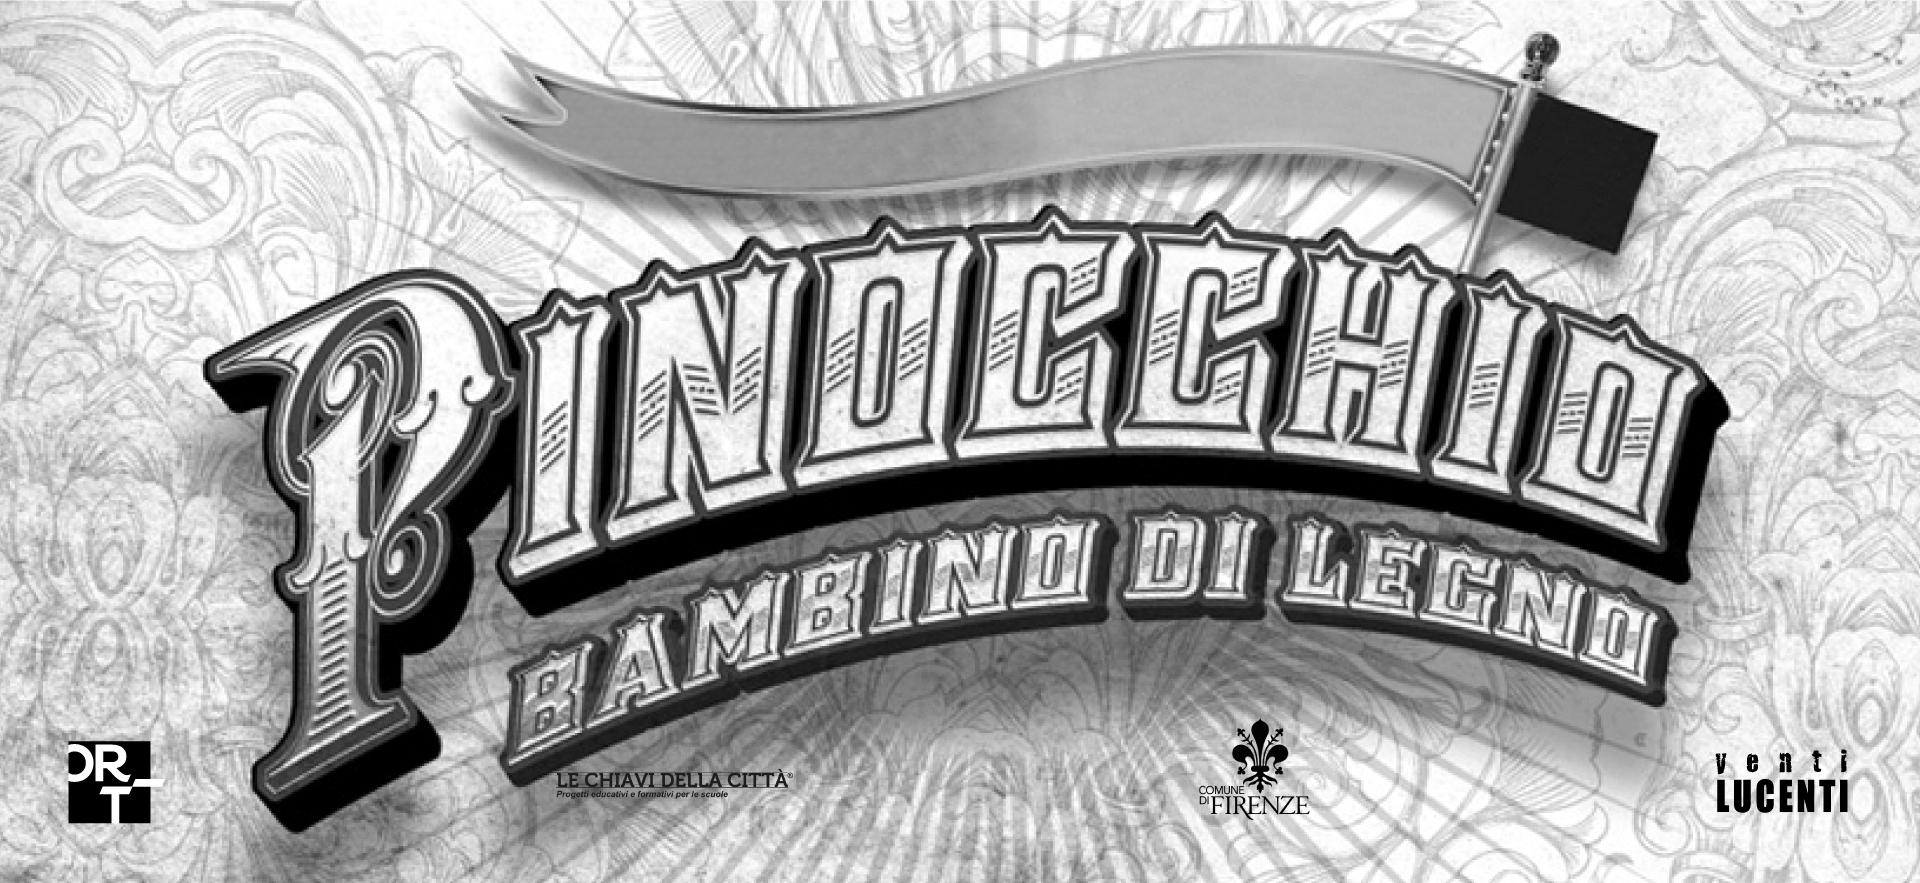 Pinocchio 2017